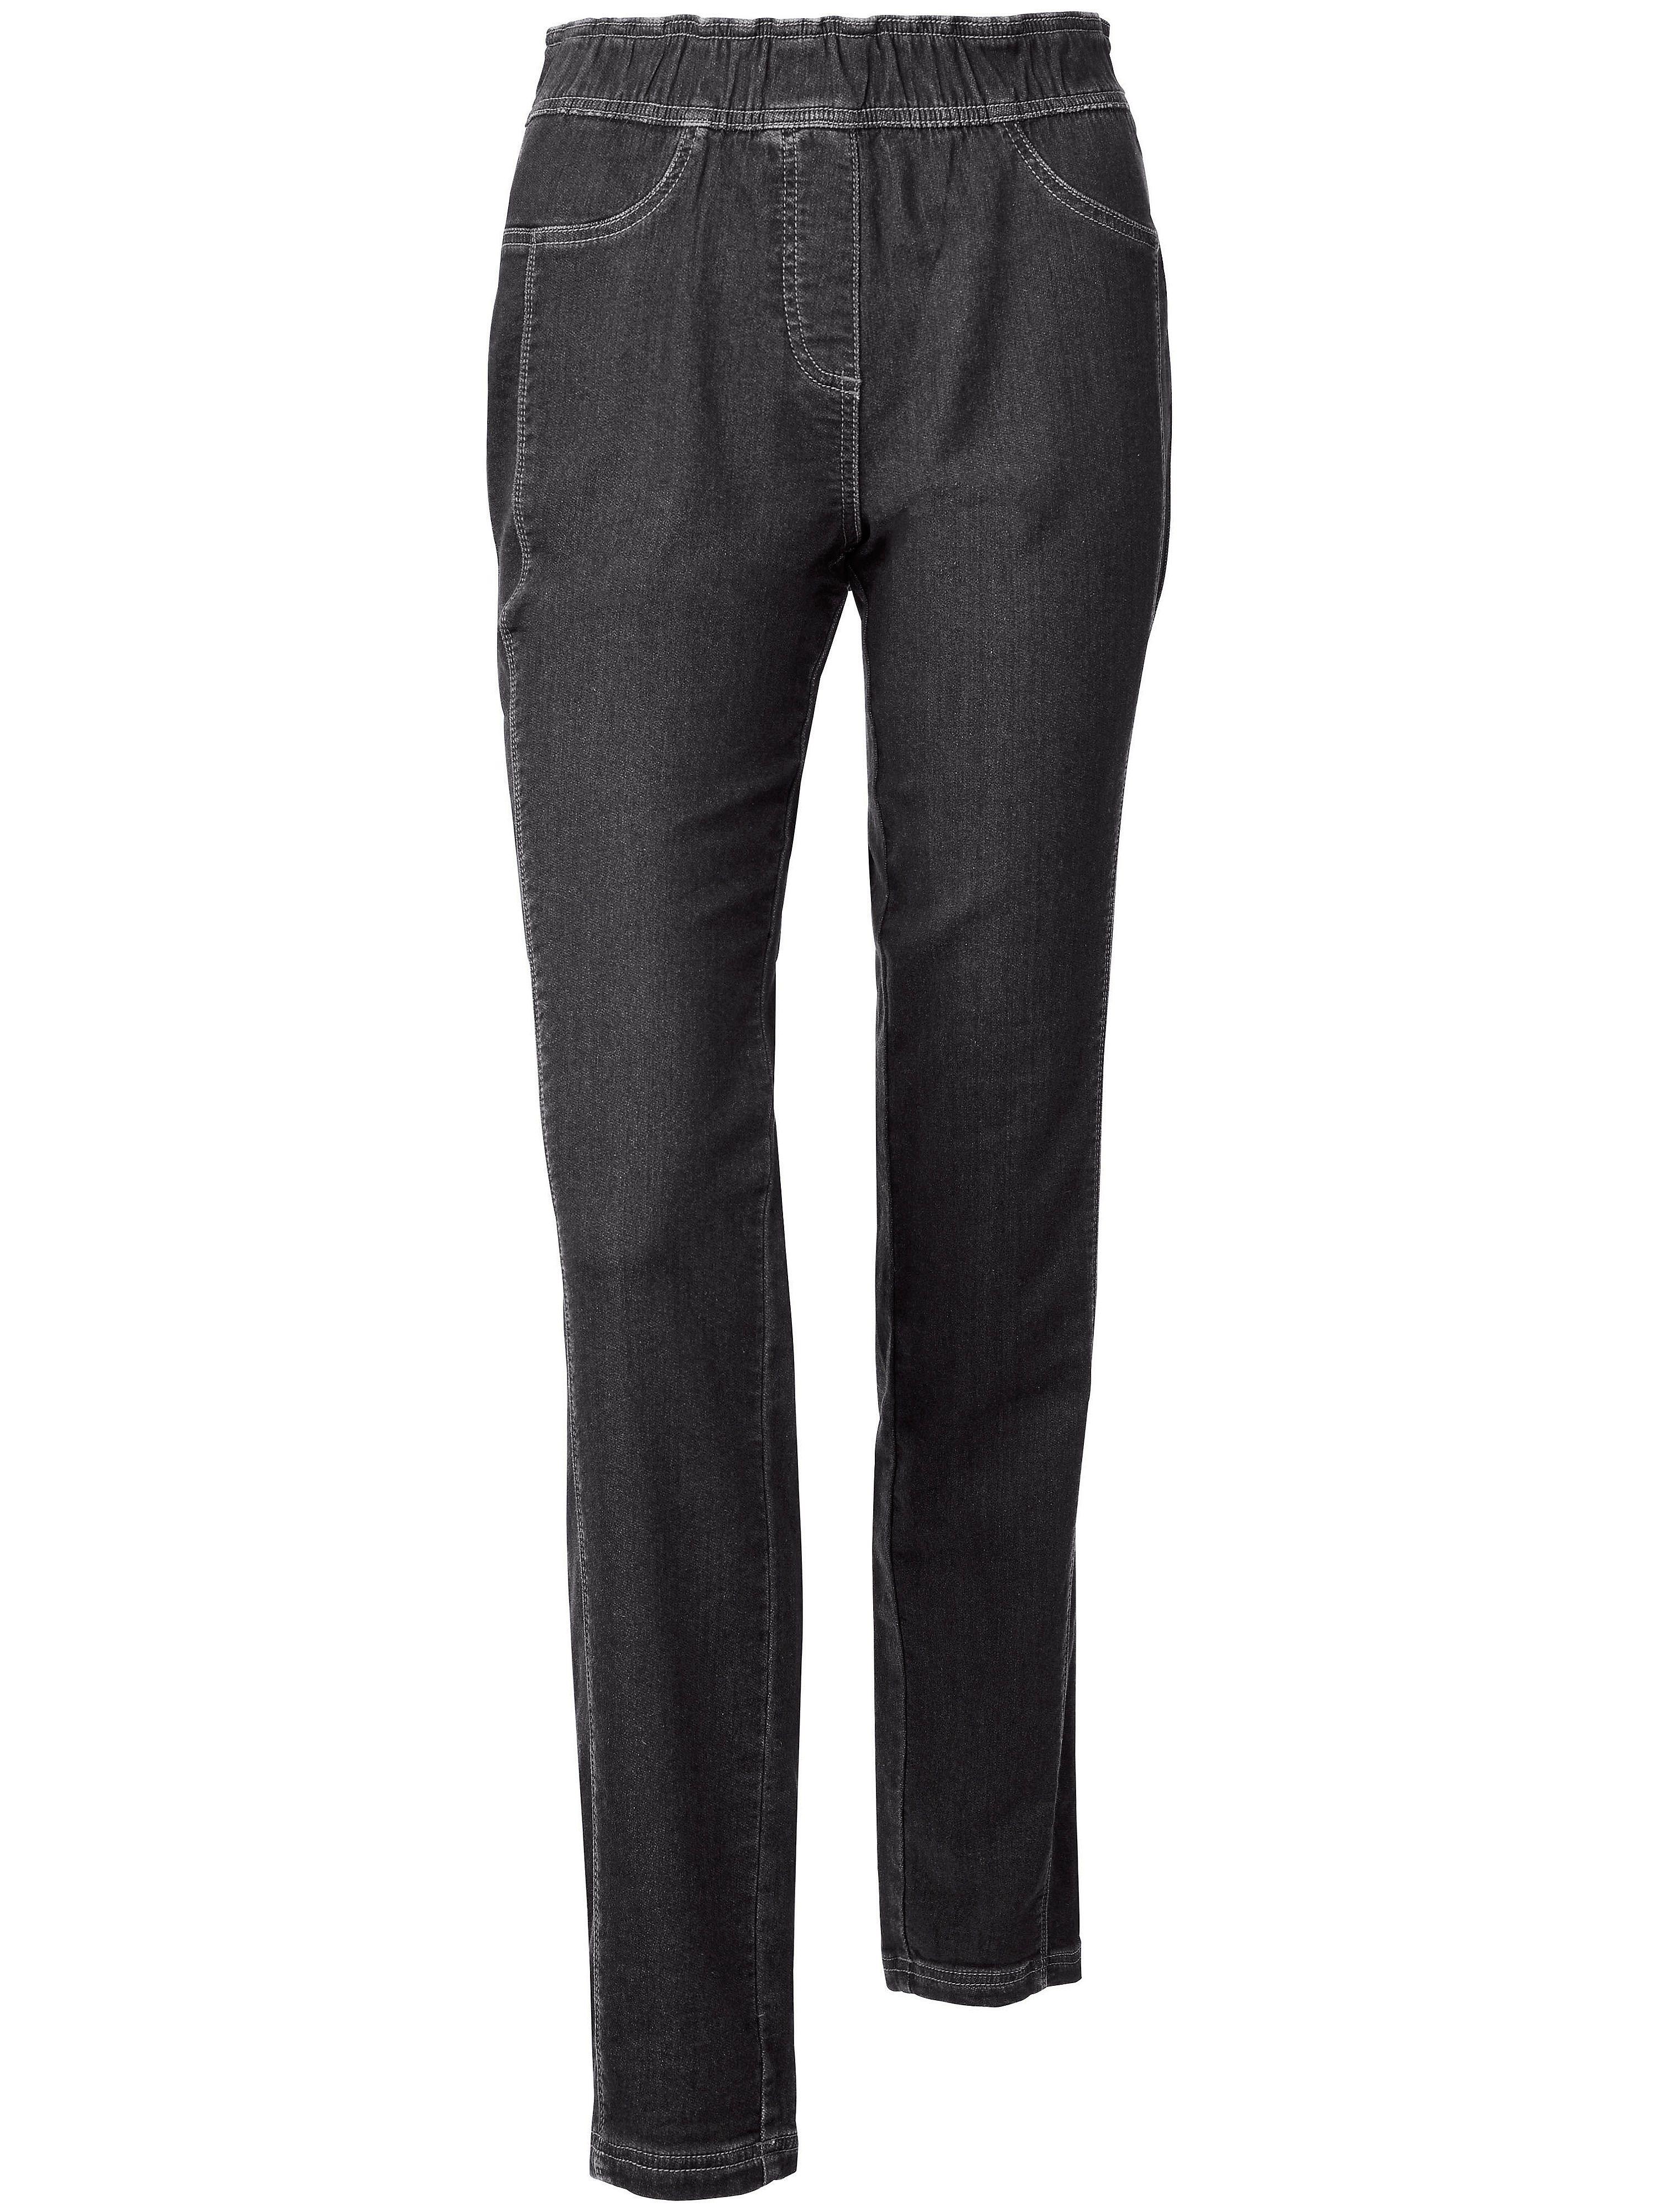 4f0b5cb9ac4 Le jean denim molletonné Peter Hahn denim taille 48 | Mode et ...